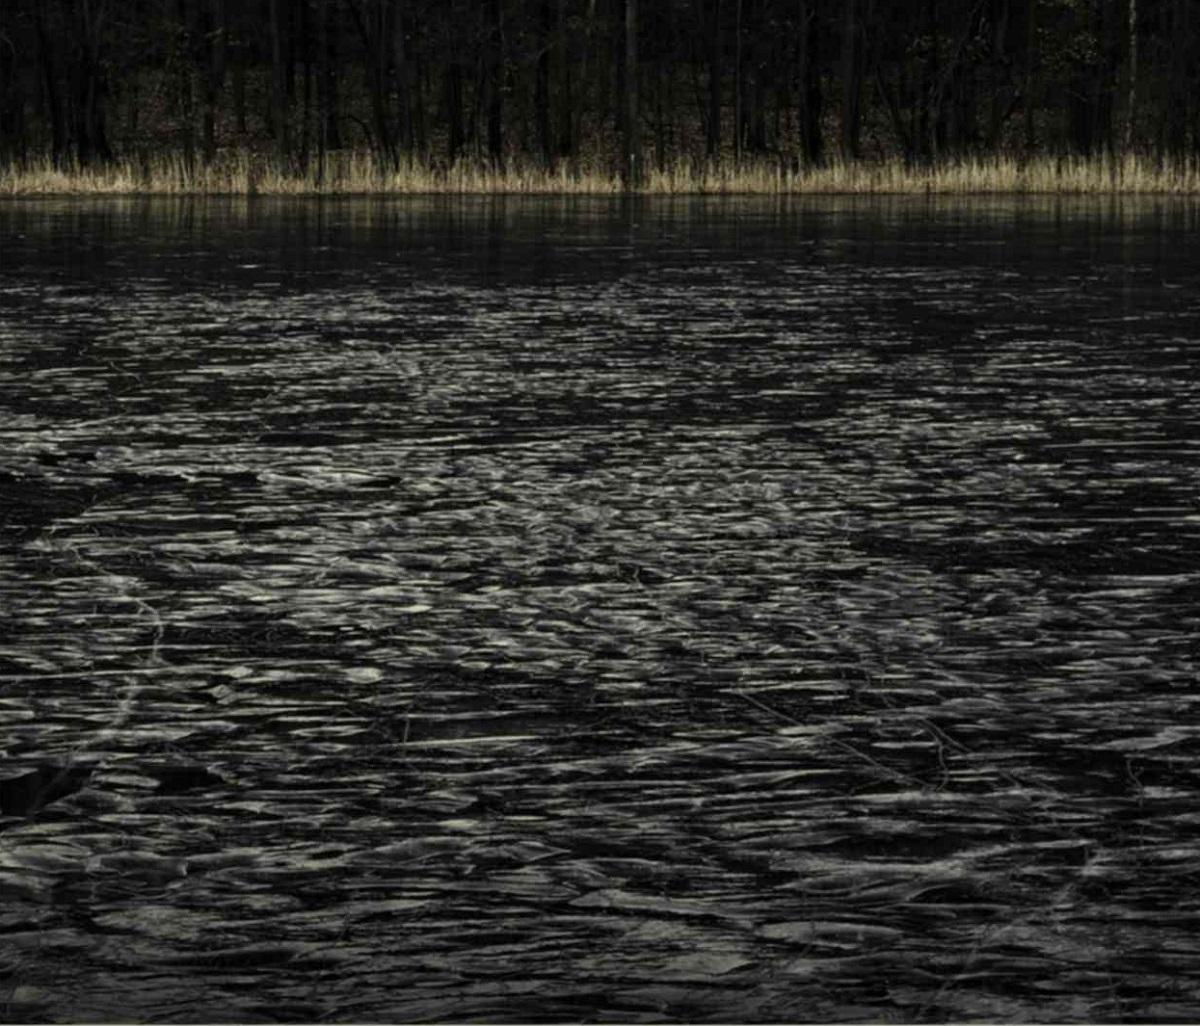 """Jarosław Klupś, """"Najwspanialsze doświadczenie to doświadczenie tajemnicy (III)"""", 2012. Fotografia 111x138 cm (źródło: materiały prasowe organizatora)"""